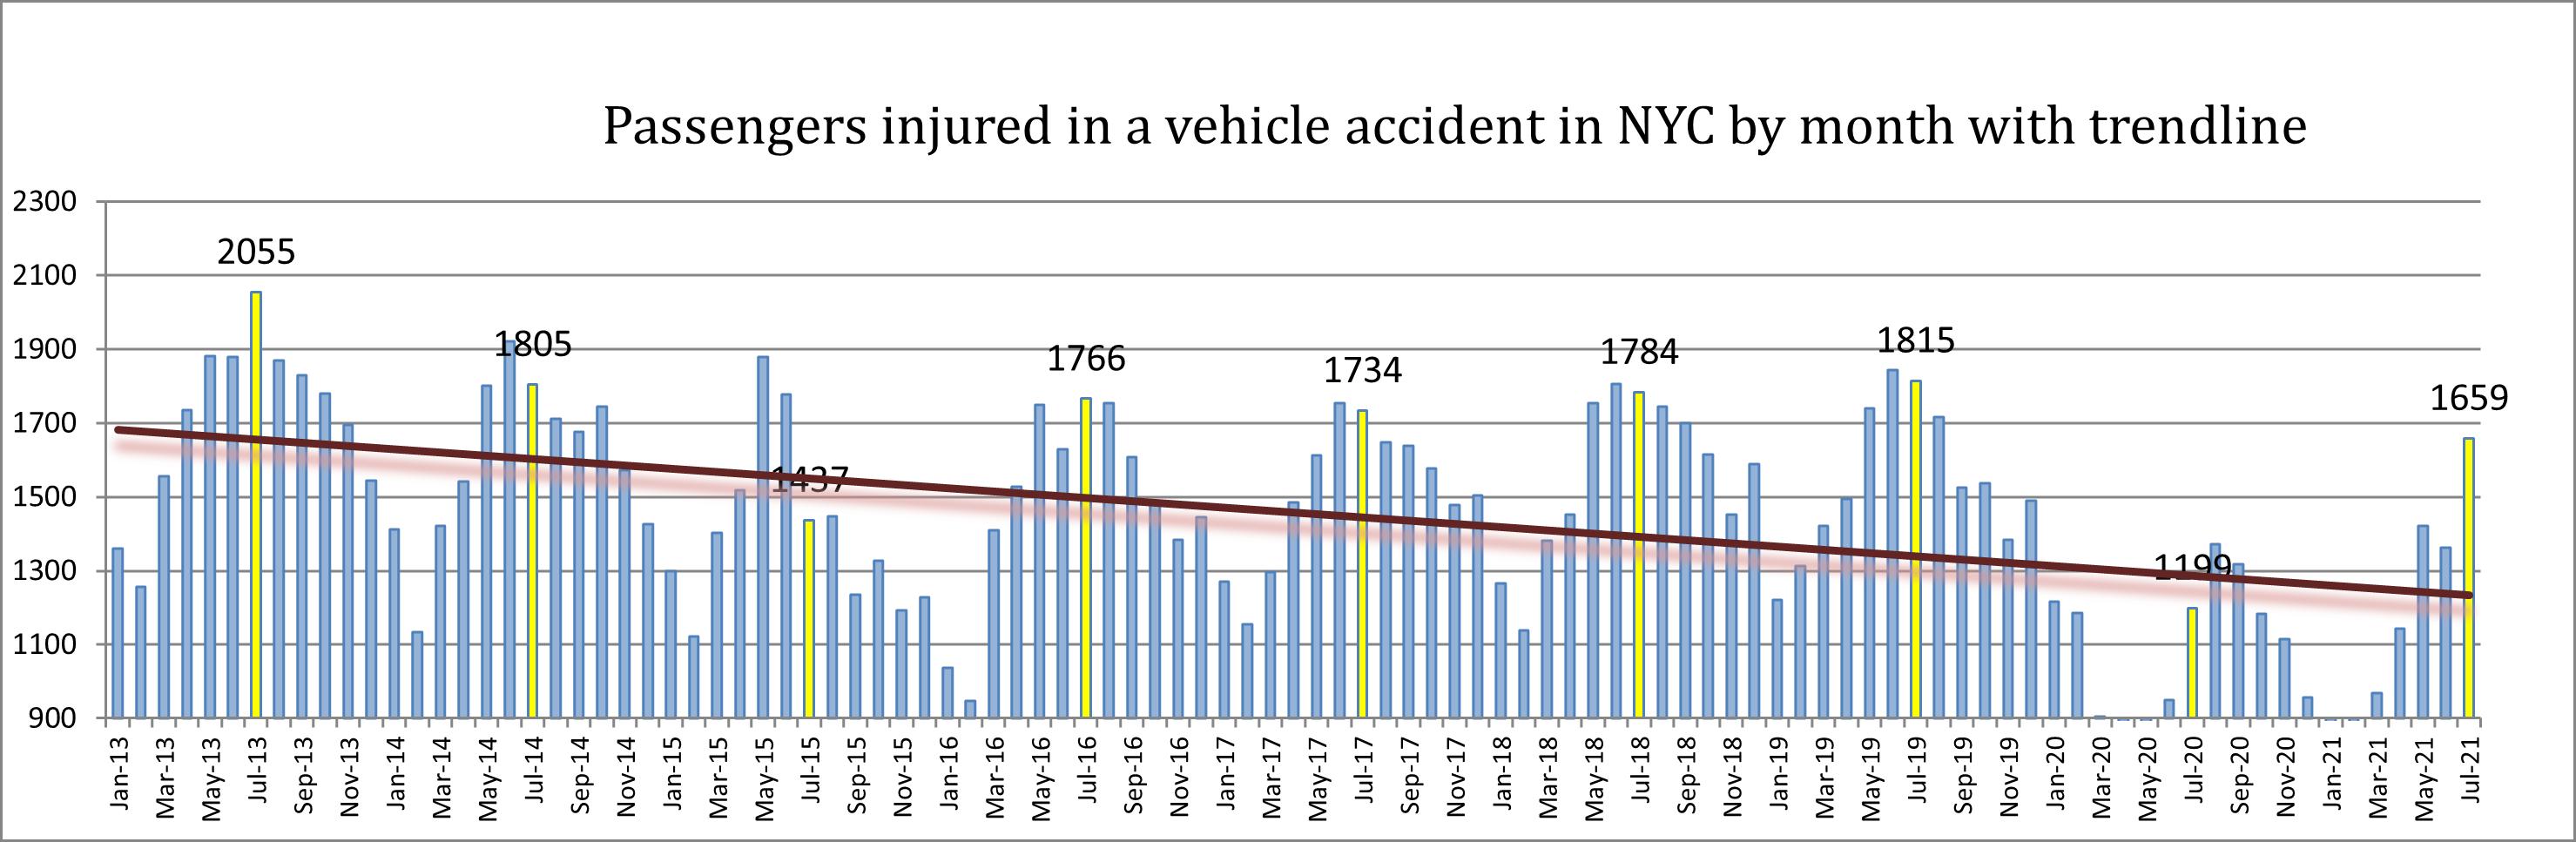 passenger injuries New York City July 21